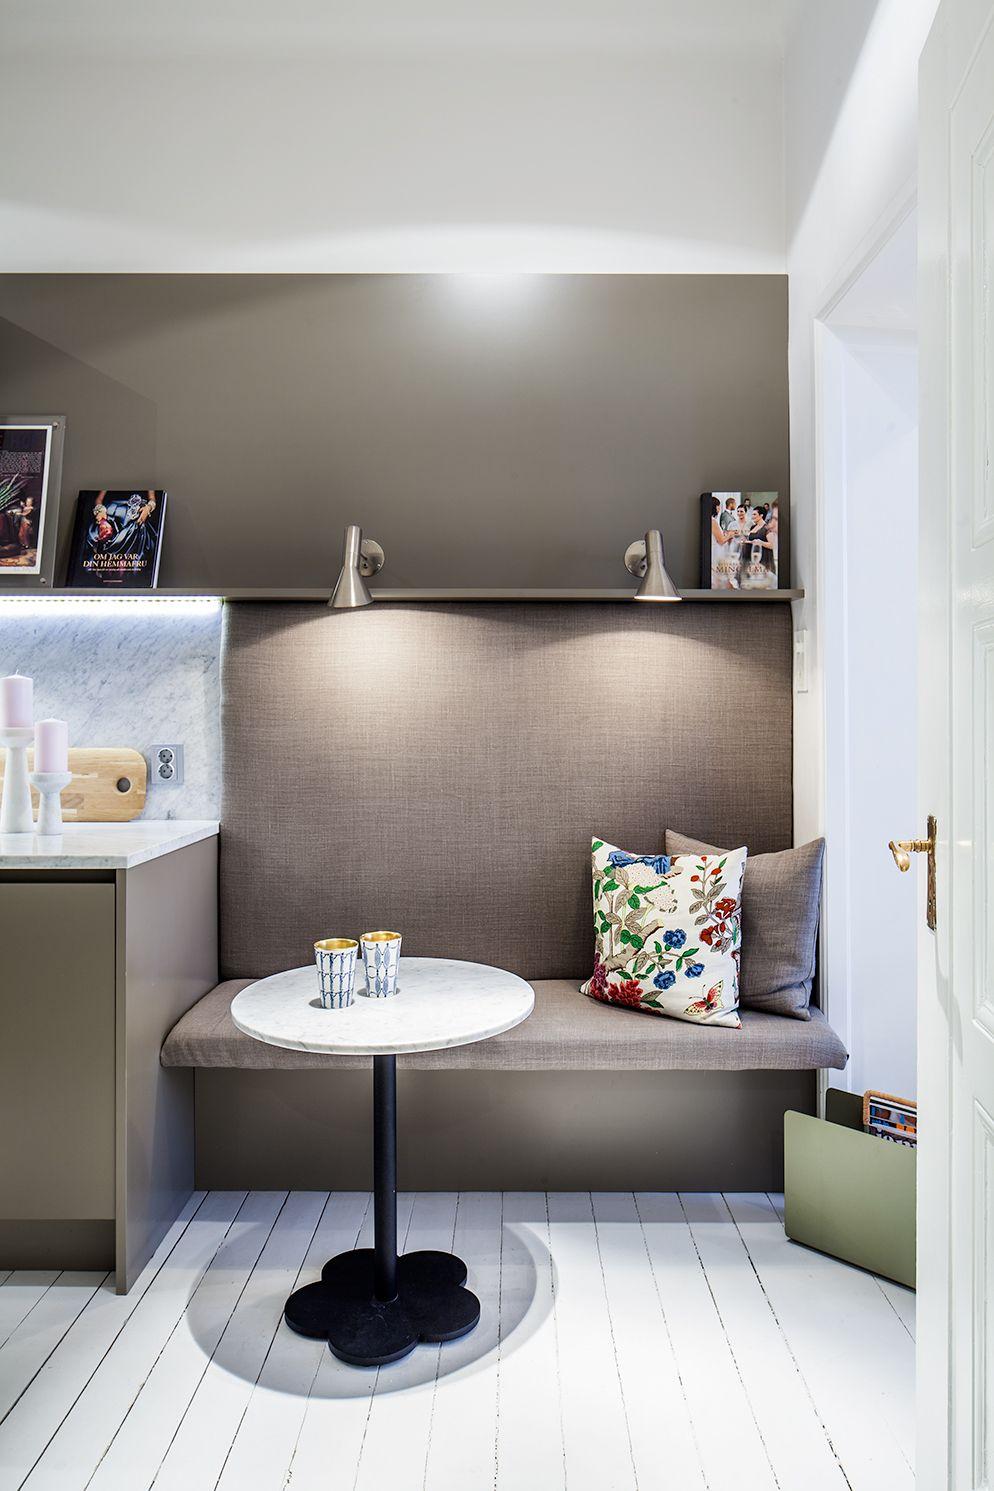 Inredning kökslådor inredning : KökslÃ¥dor | Inspiration (Interior design) | Pinterest | Interiors